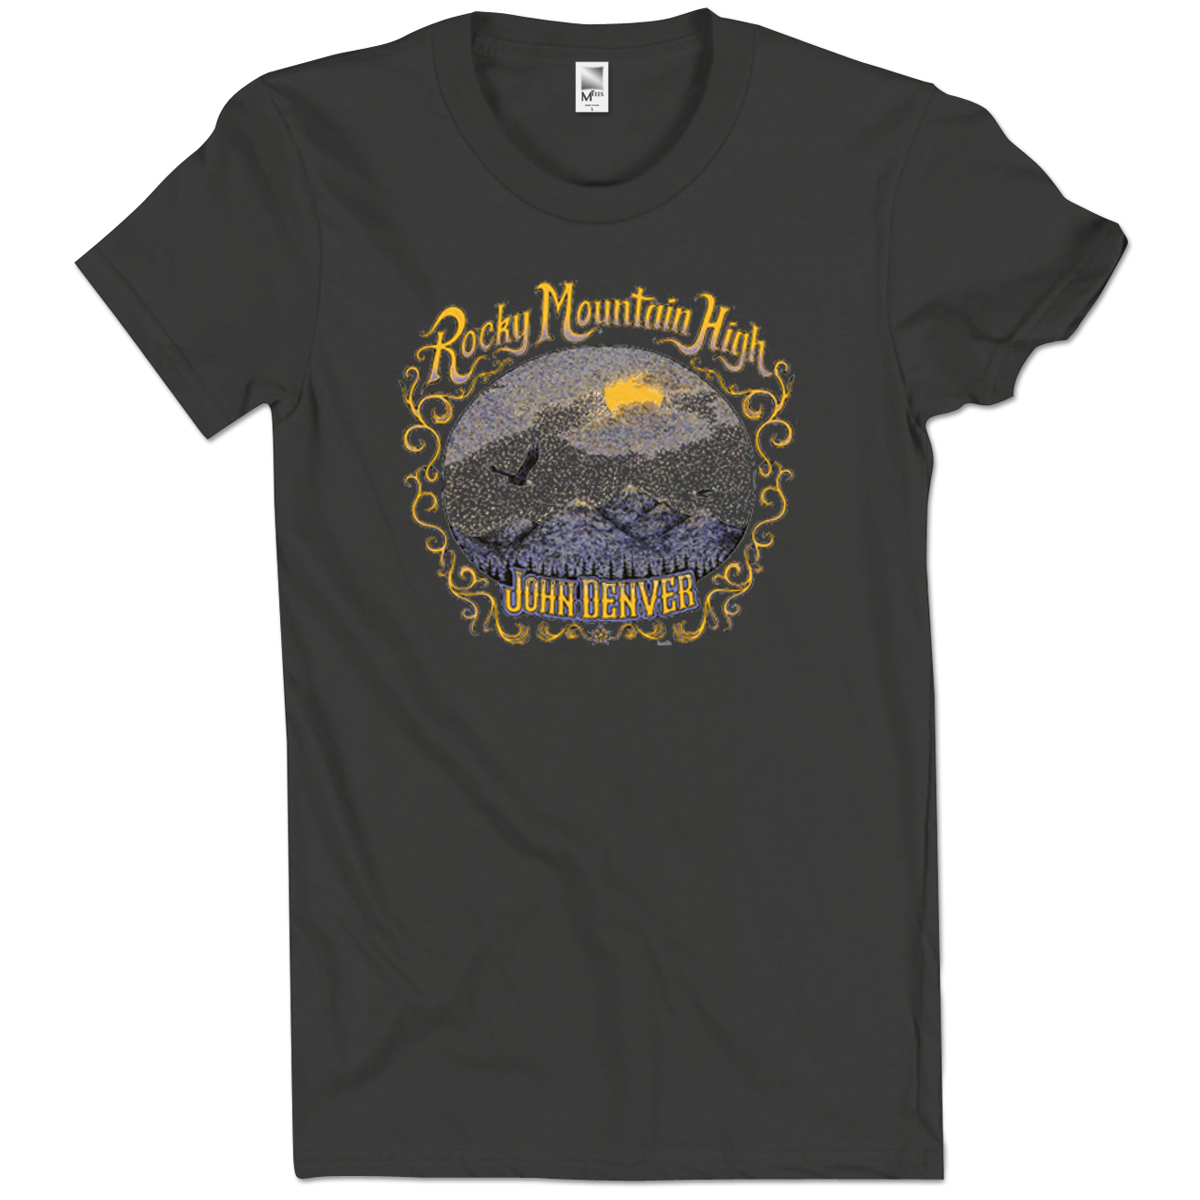 John Denver- RMH Spusta Design Women's T-shirt